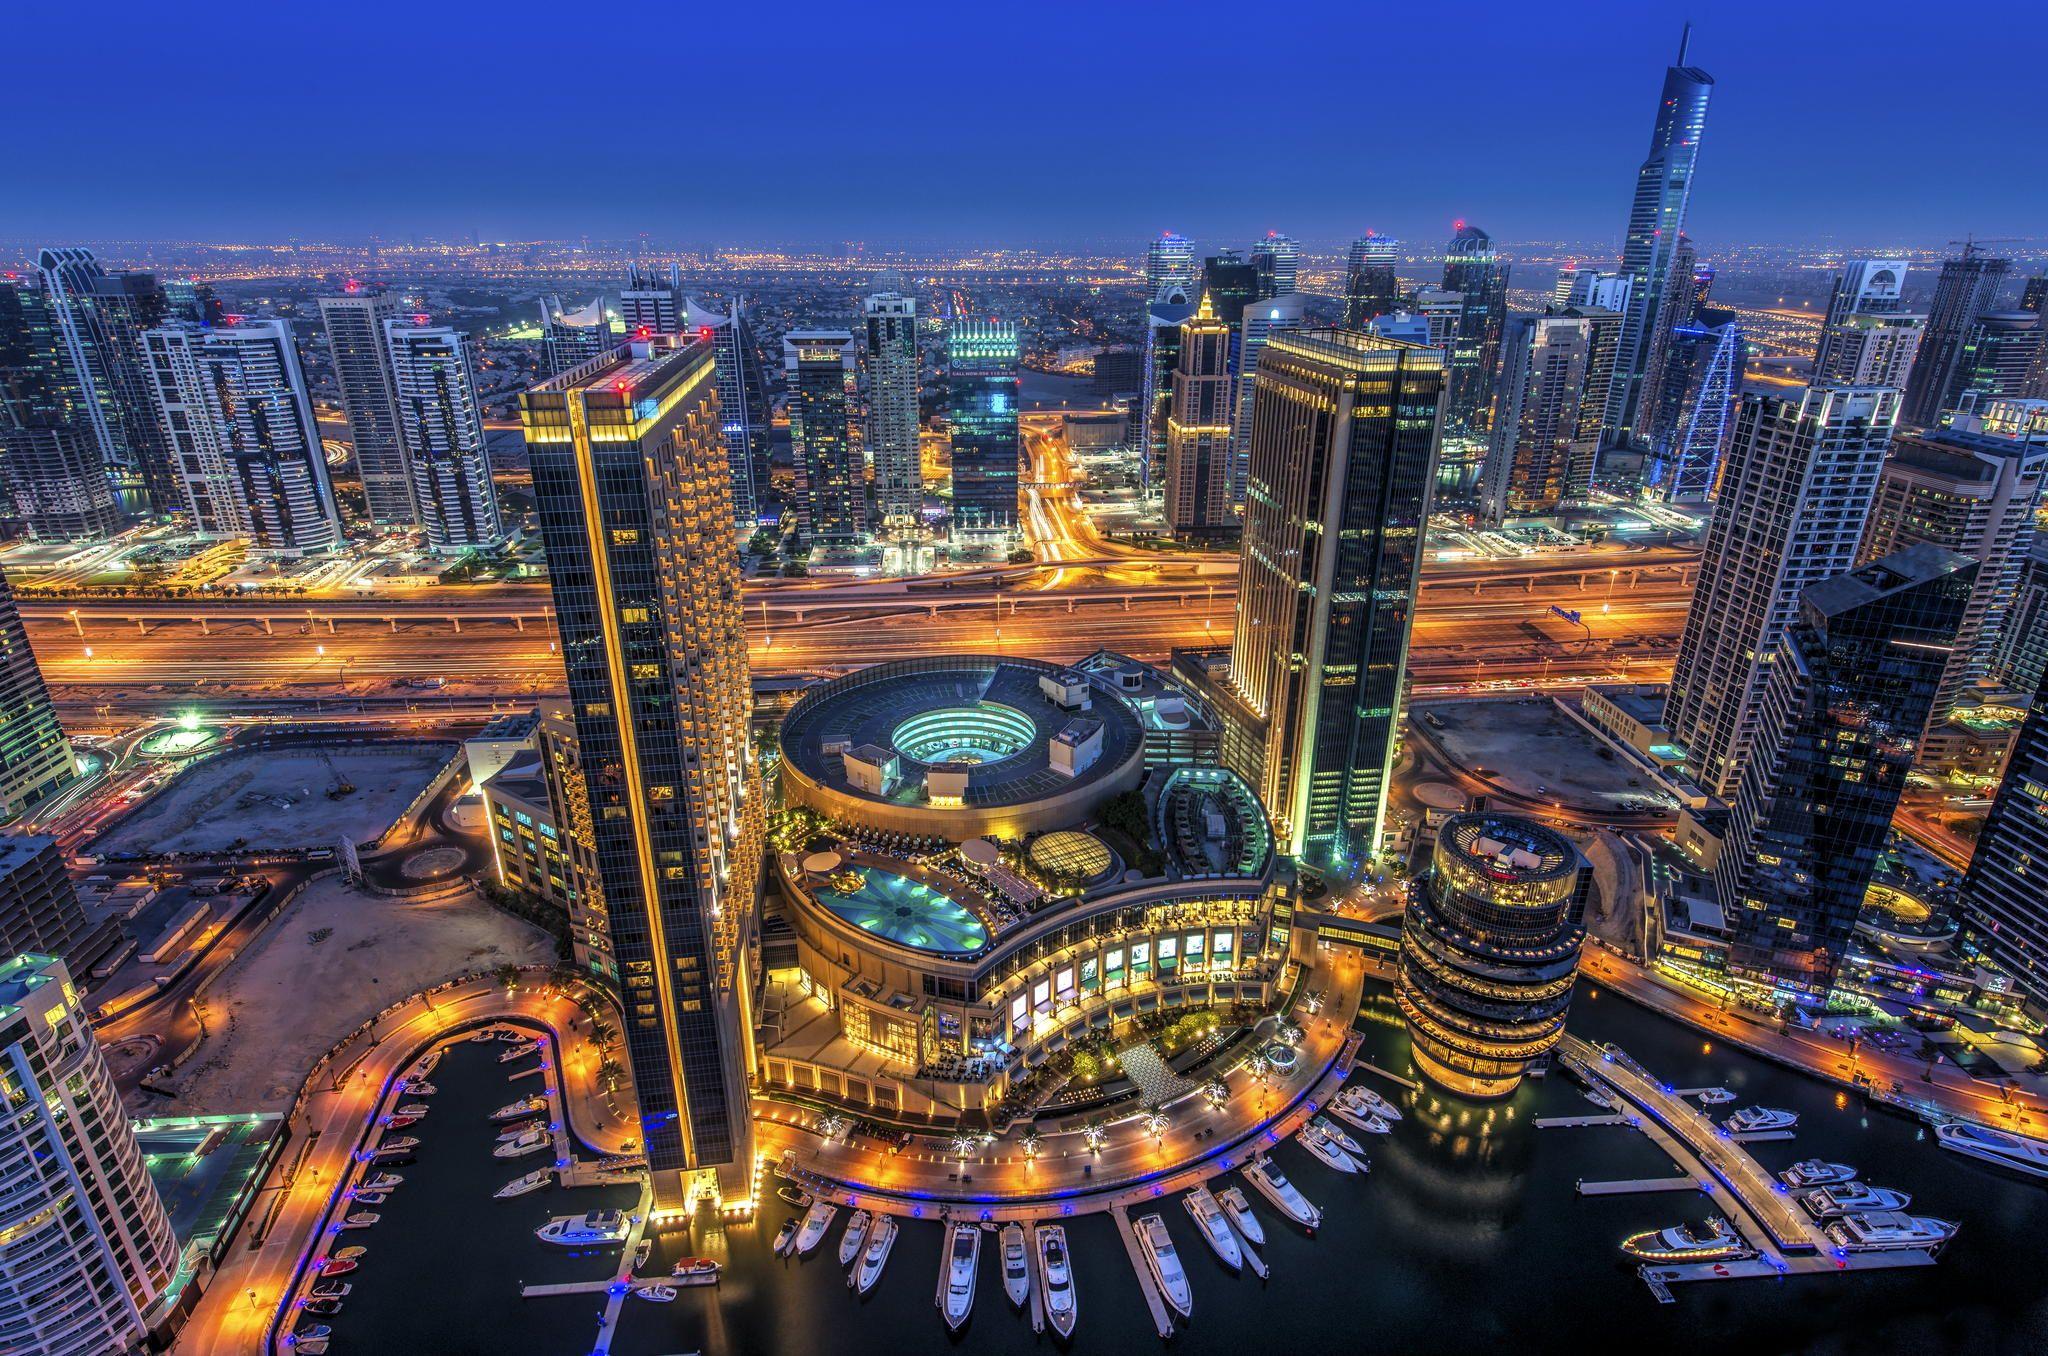 Galactica Architecture Images Dubai Real Estate Landscape Concept